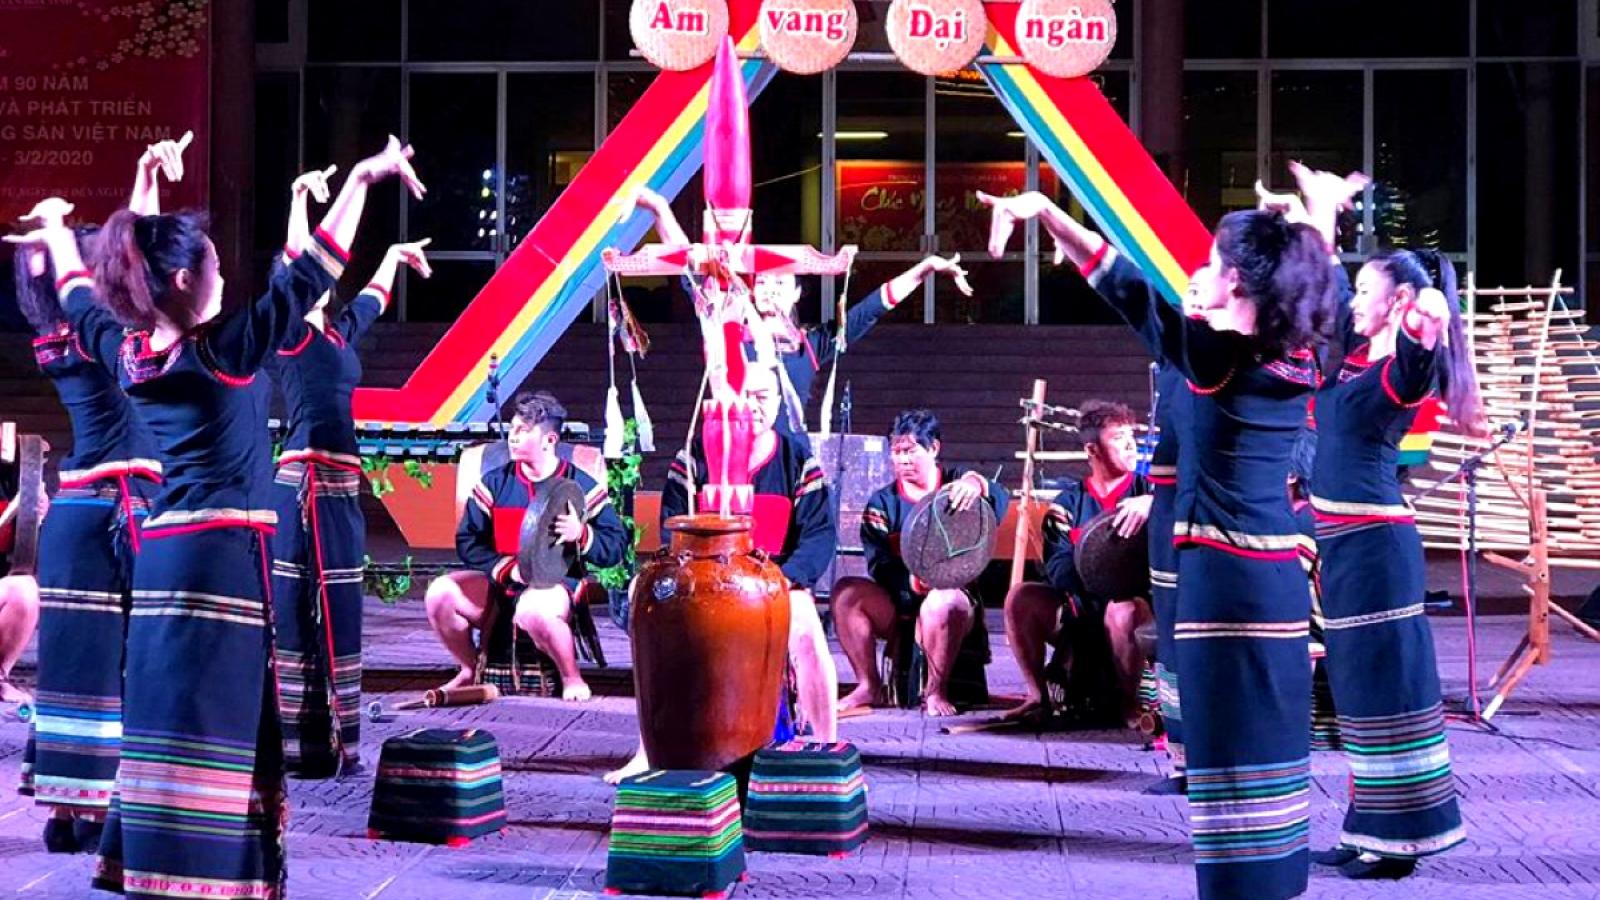 Biểu diễn văn hóa cồng chiêng tại phố đi bộ ở Hà Nội và TP.HCM